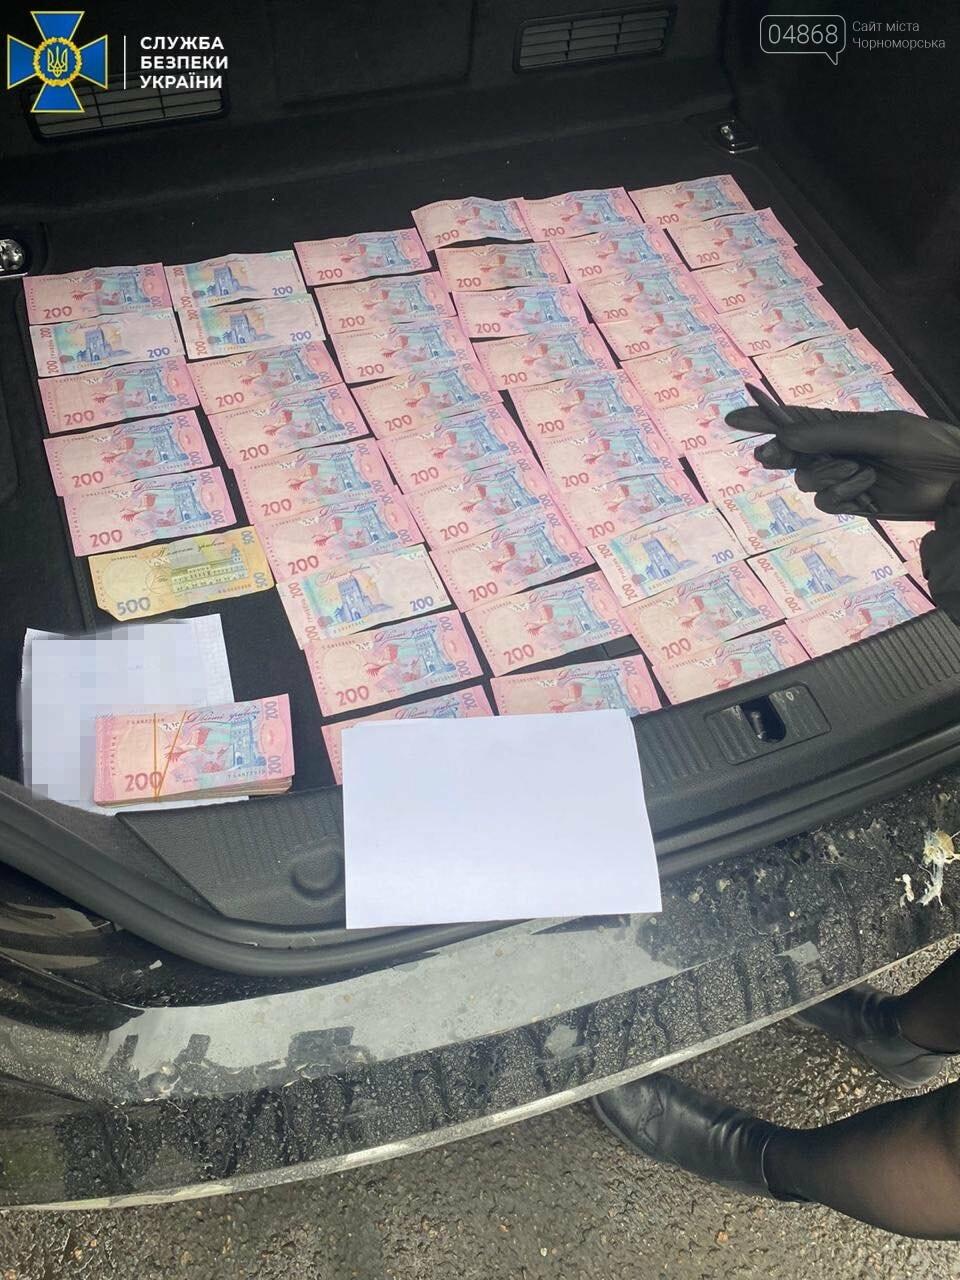 СБУ раскрыла масштабное хищение в одесской «УЗ», фото-4